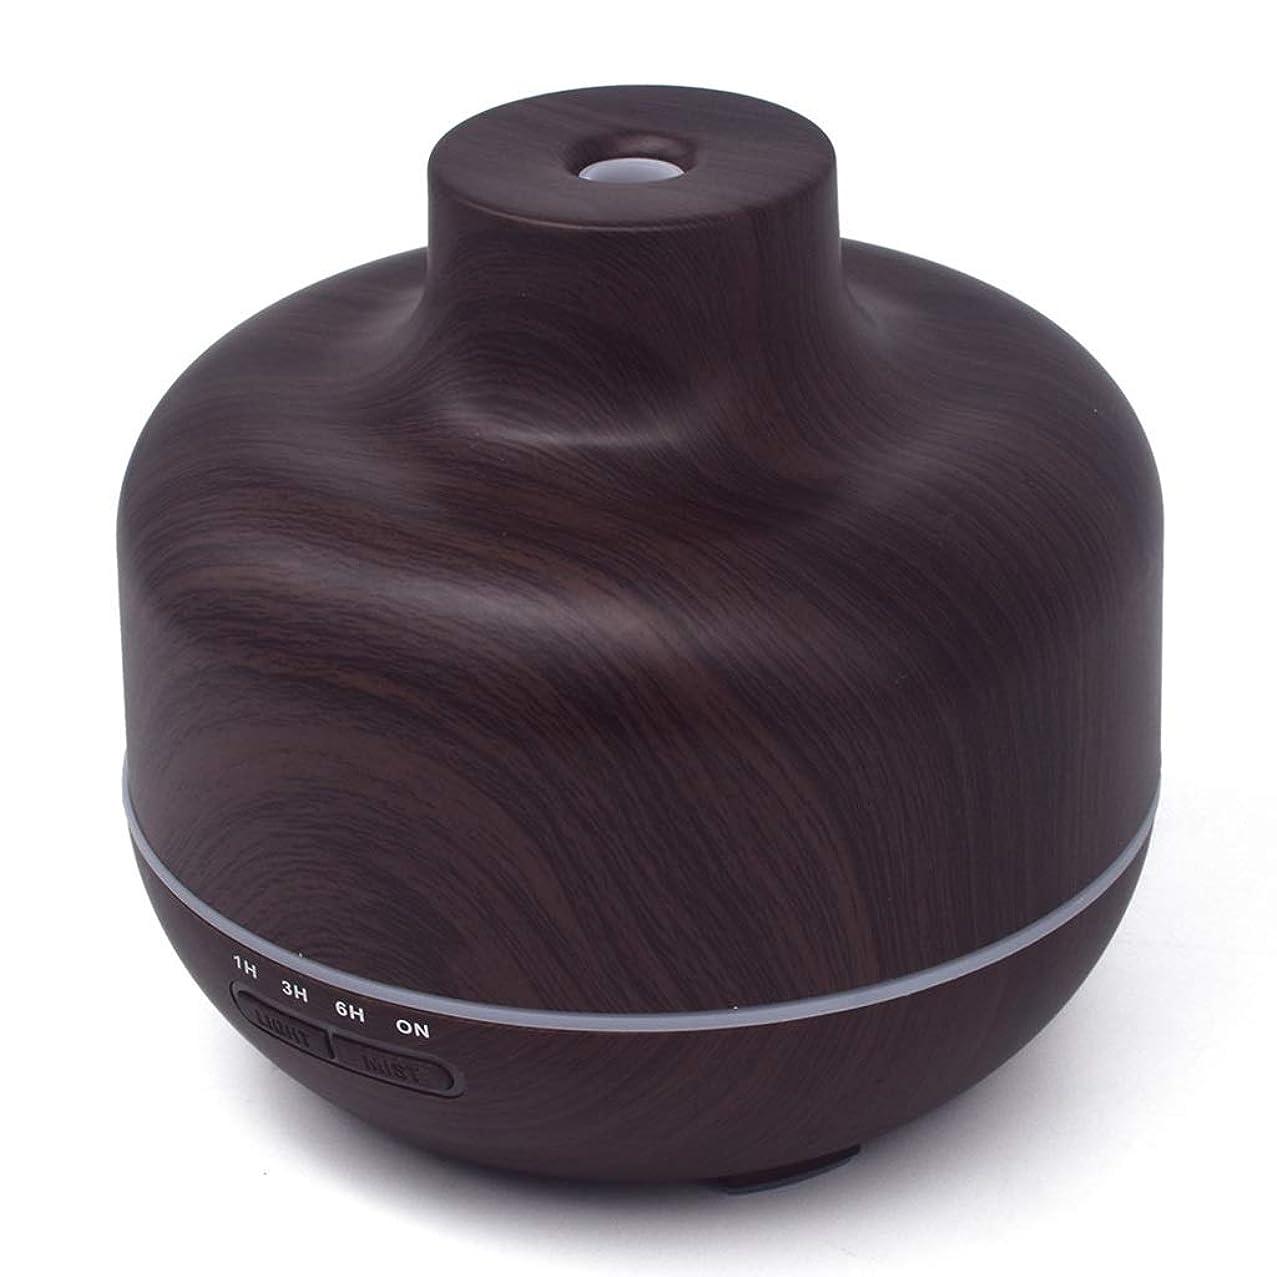 解く未使用不誠実リードディフューザー アロマセラピーマシン大容量超音波アロマセラピーマシンの間隔はランプ加湿器電子エッセンシャルオイルディフューザーコールドスプレーディフューザー楽器アロマ香料マシンを呼吸 YHDD (Color : B)